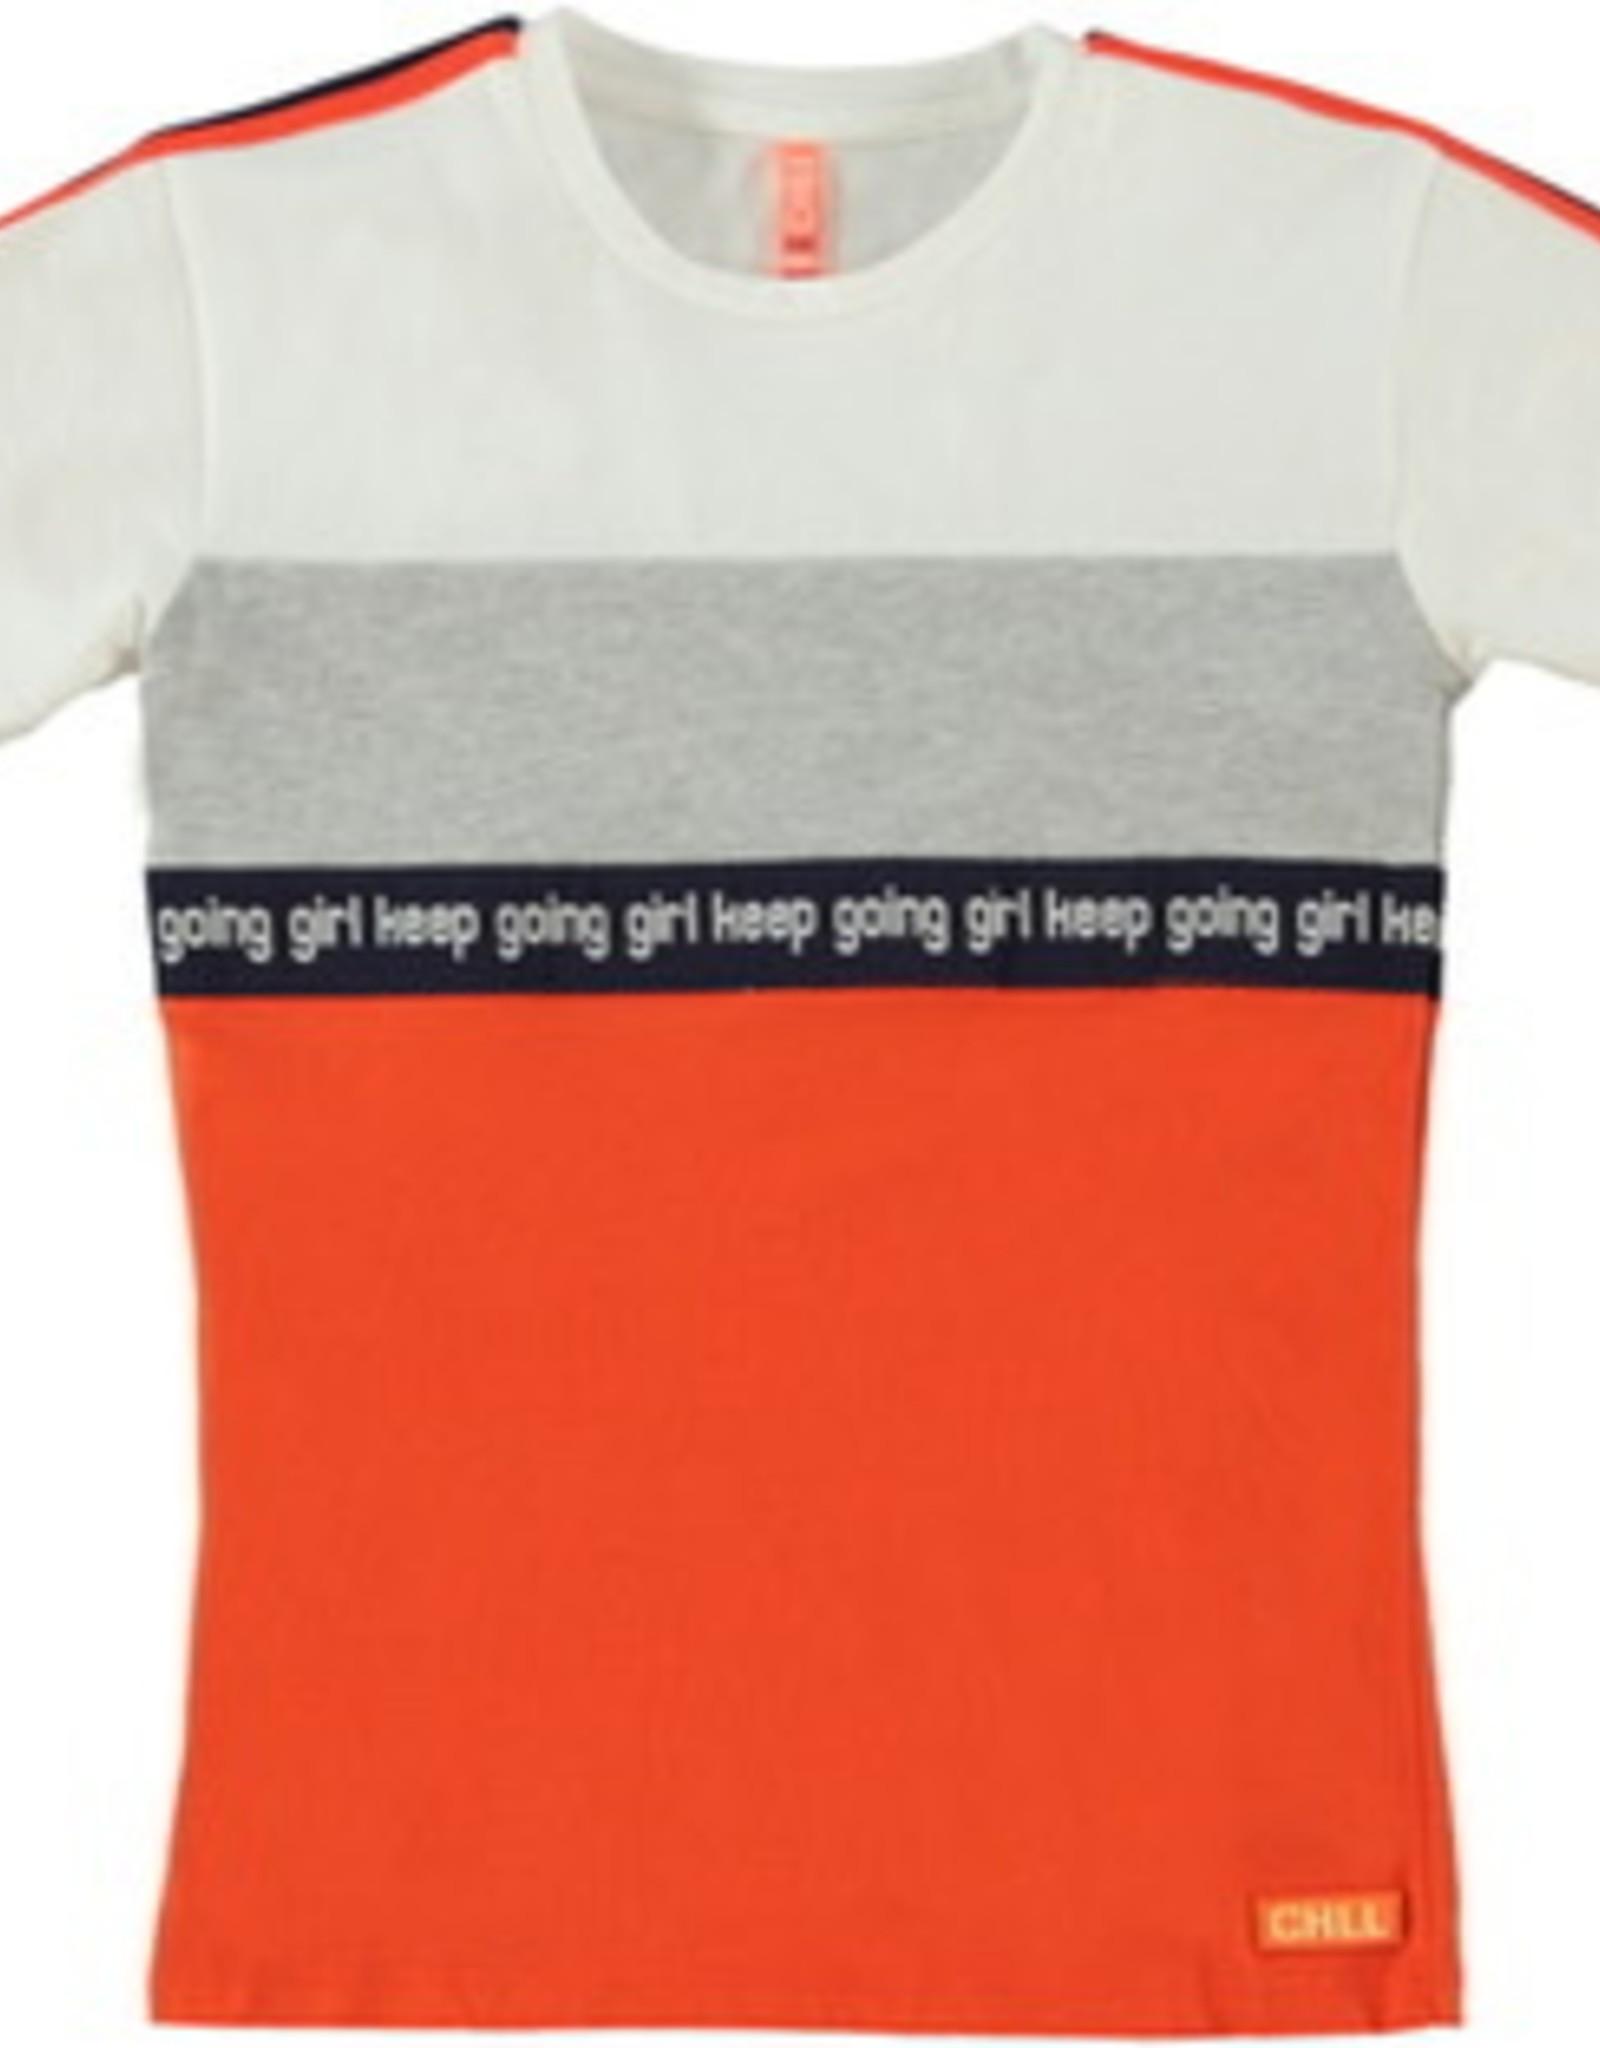 O'Chill O'Chill shirt Glory